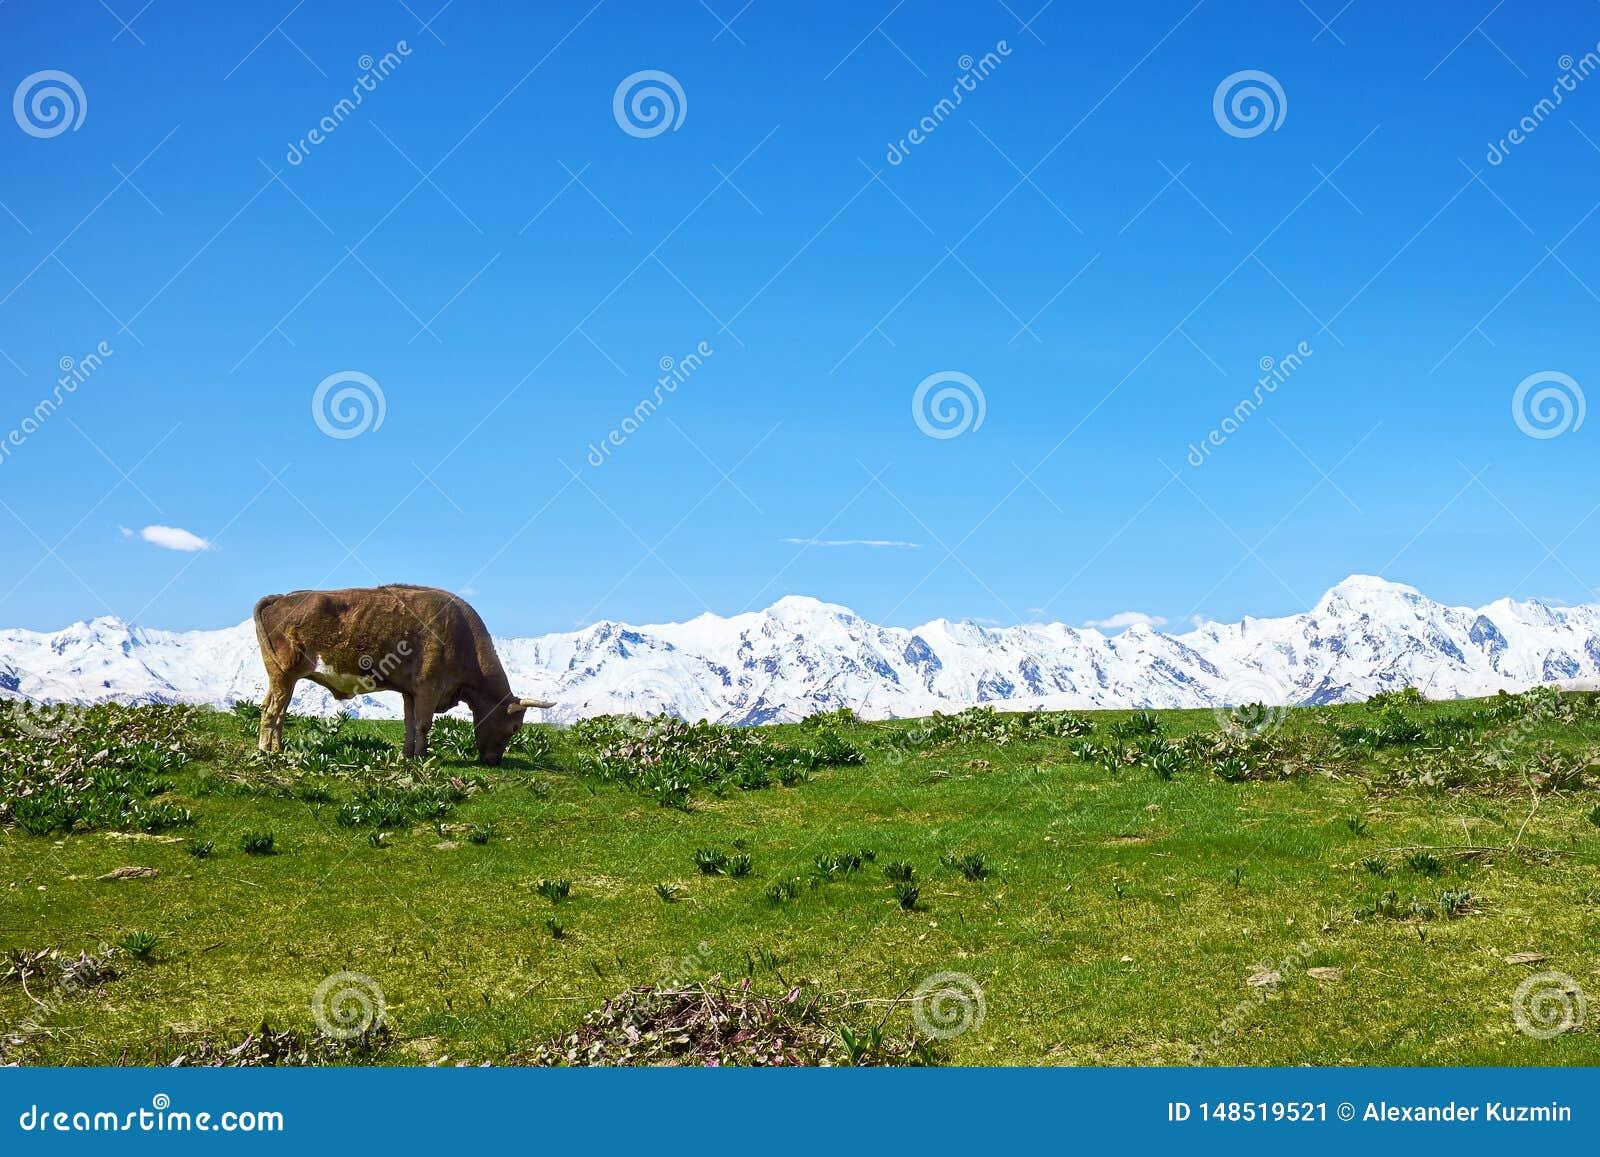 Βοσκή αγελάδων σε ένα πράσινο λιβάδι ενάντια στα άσπρα βουνά